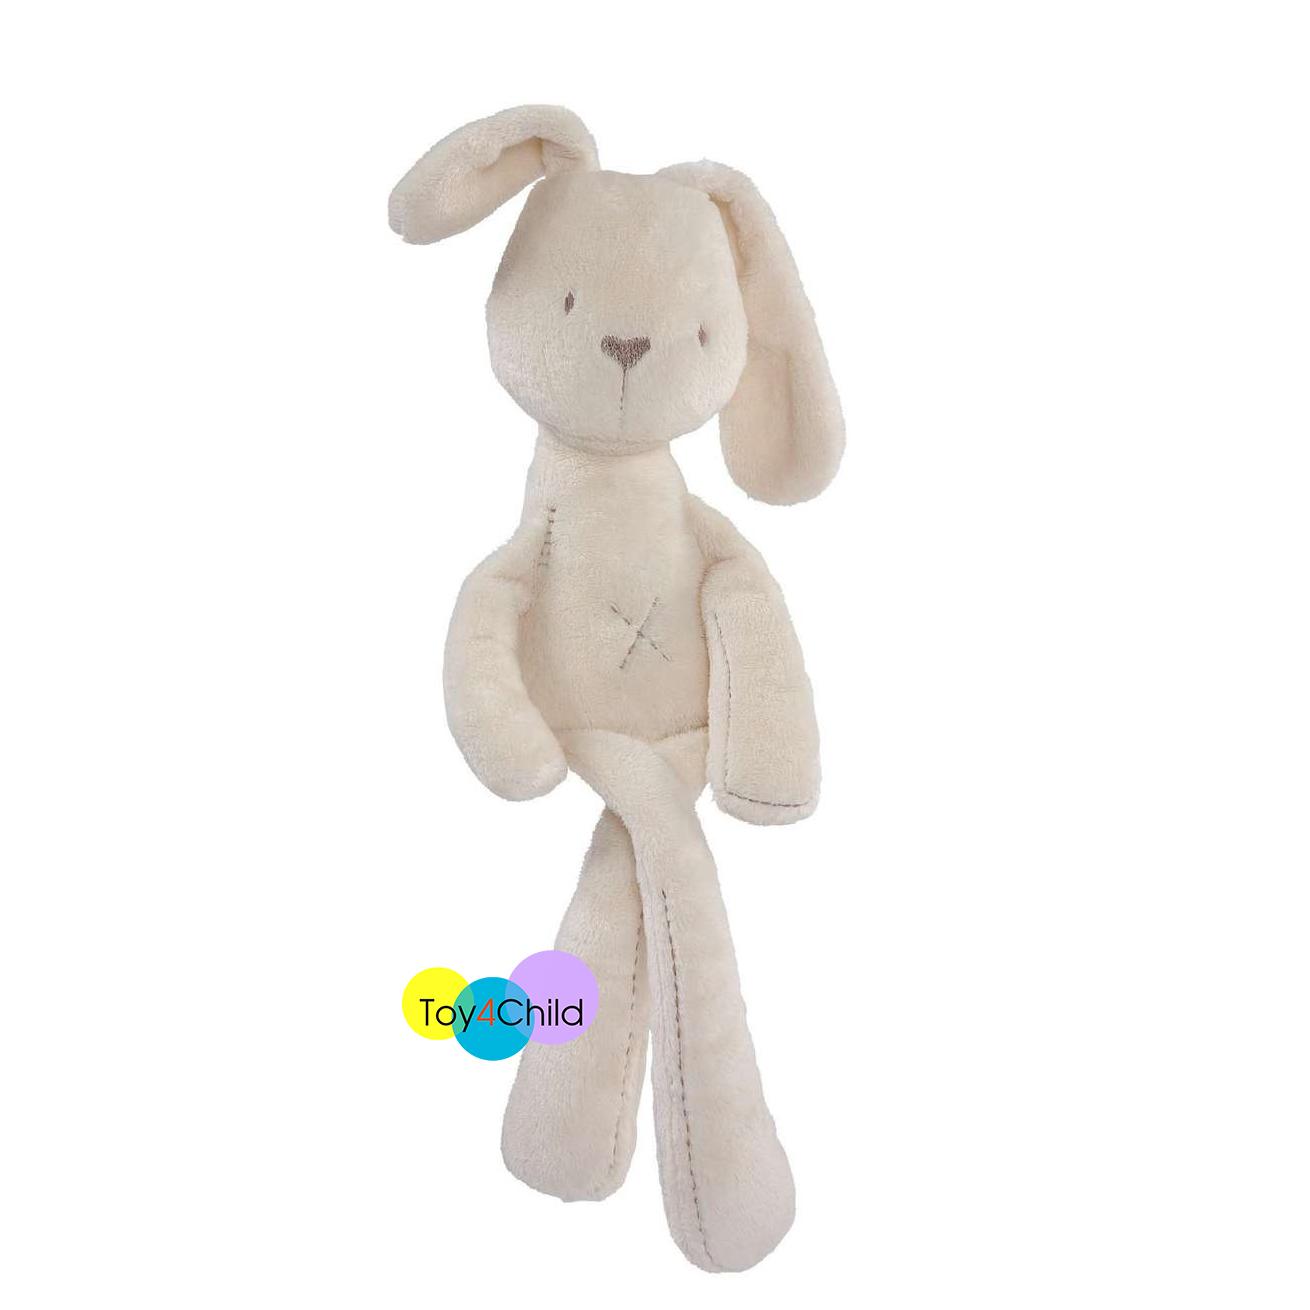 ตุ๊กตากระต่าย ขนนุ่ม สีขาว Mamas & Papas Millie Soft Toy ของแท้ ราคาถูก